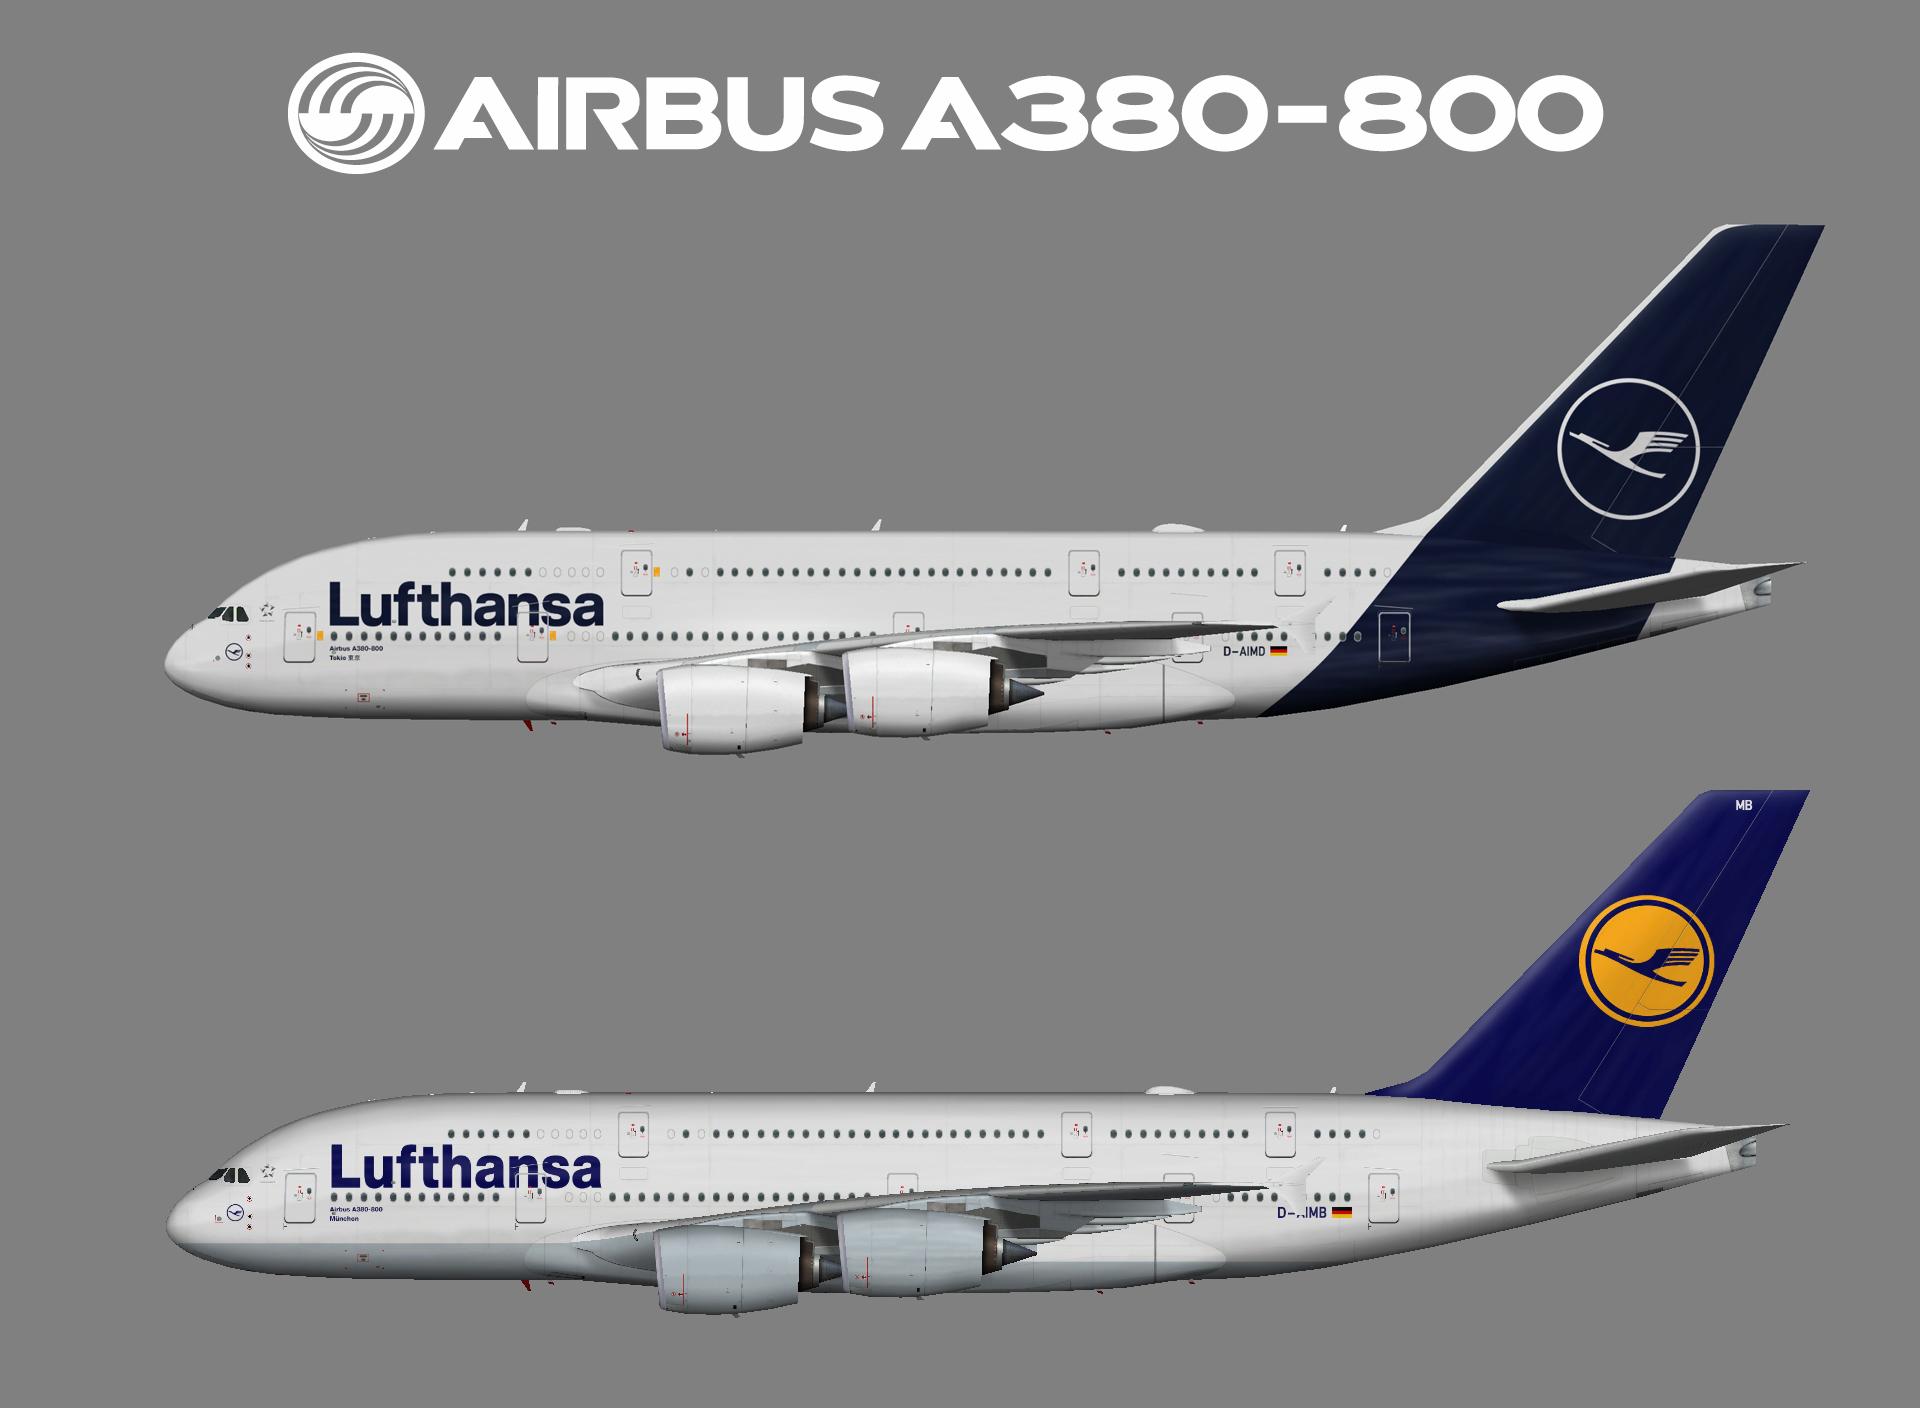 Lufthansa – Juergen's paint hangar